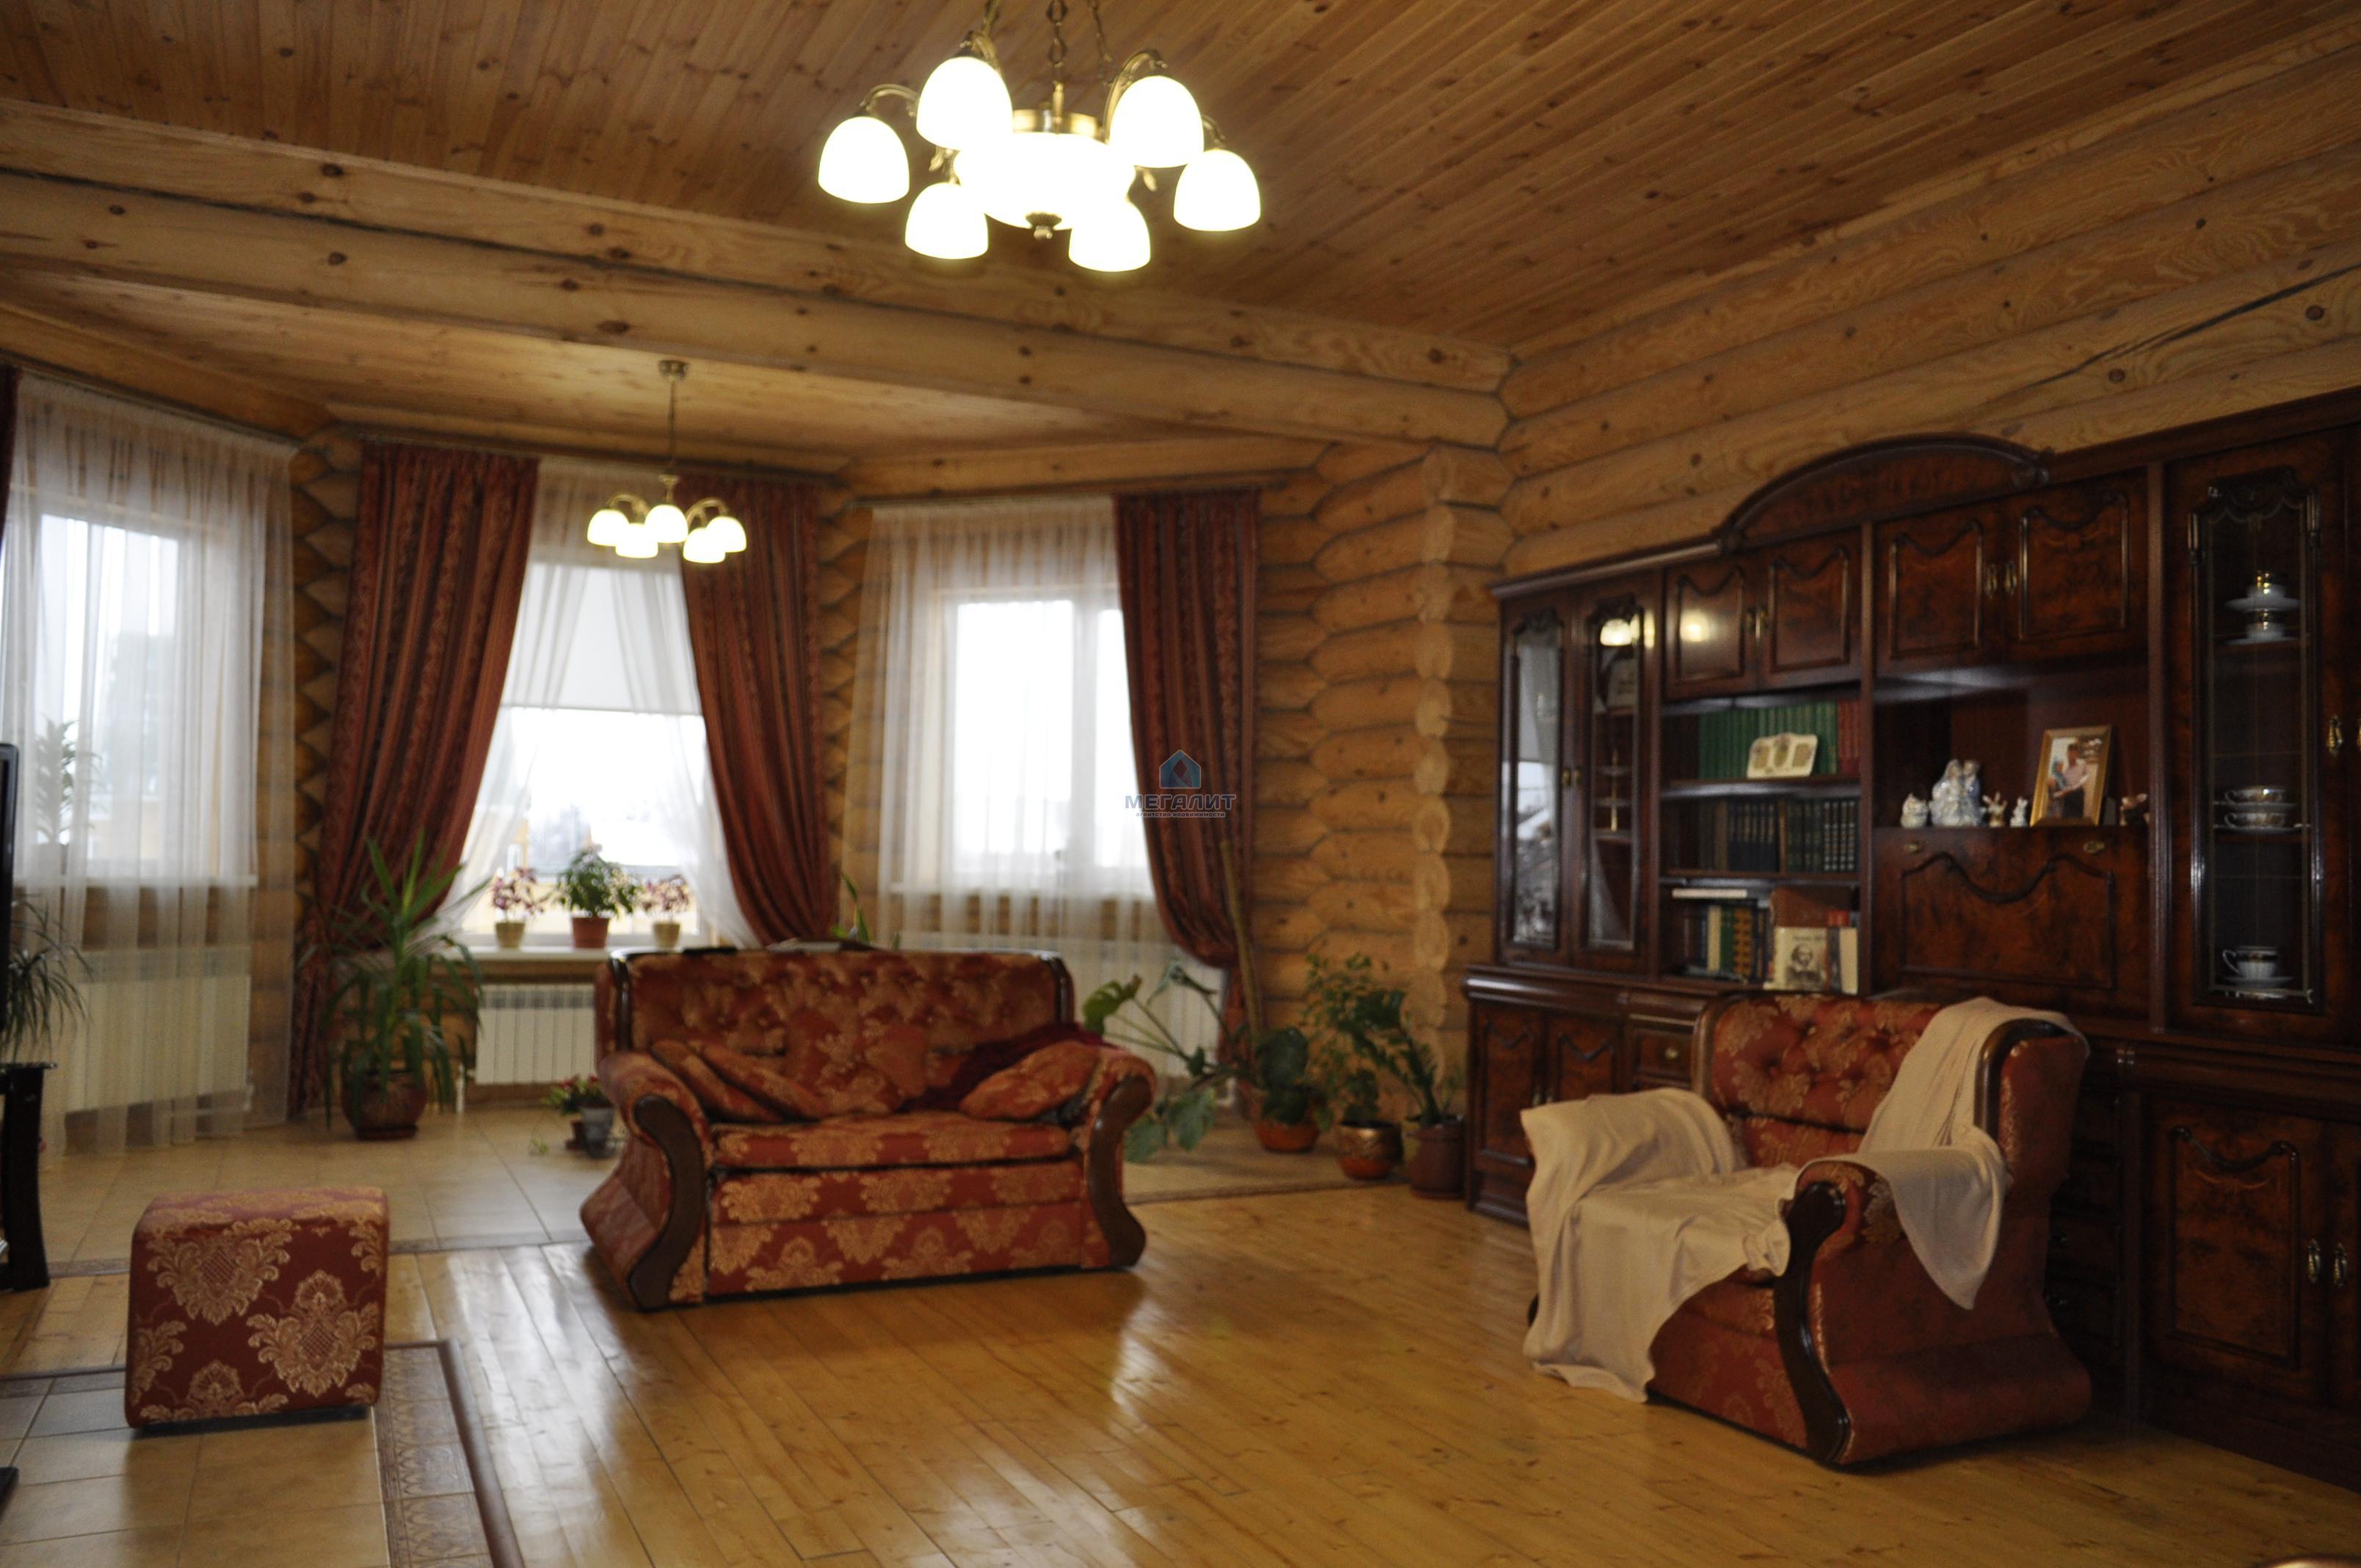 Продажа  Дома Казанская, 0 м2  (миниатюра №3)